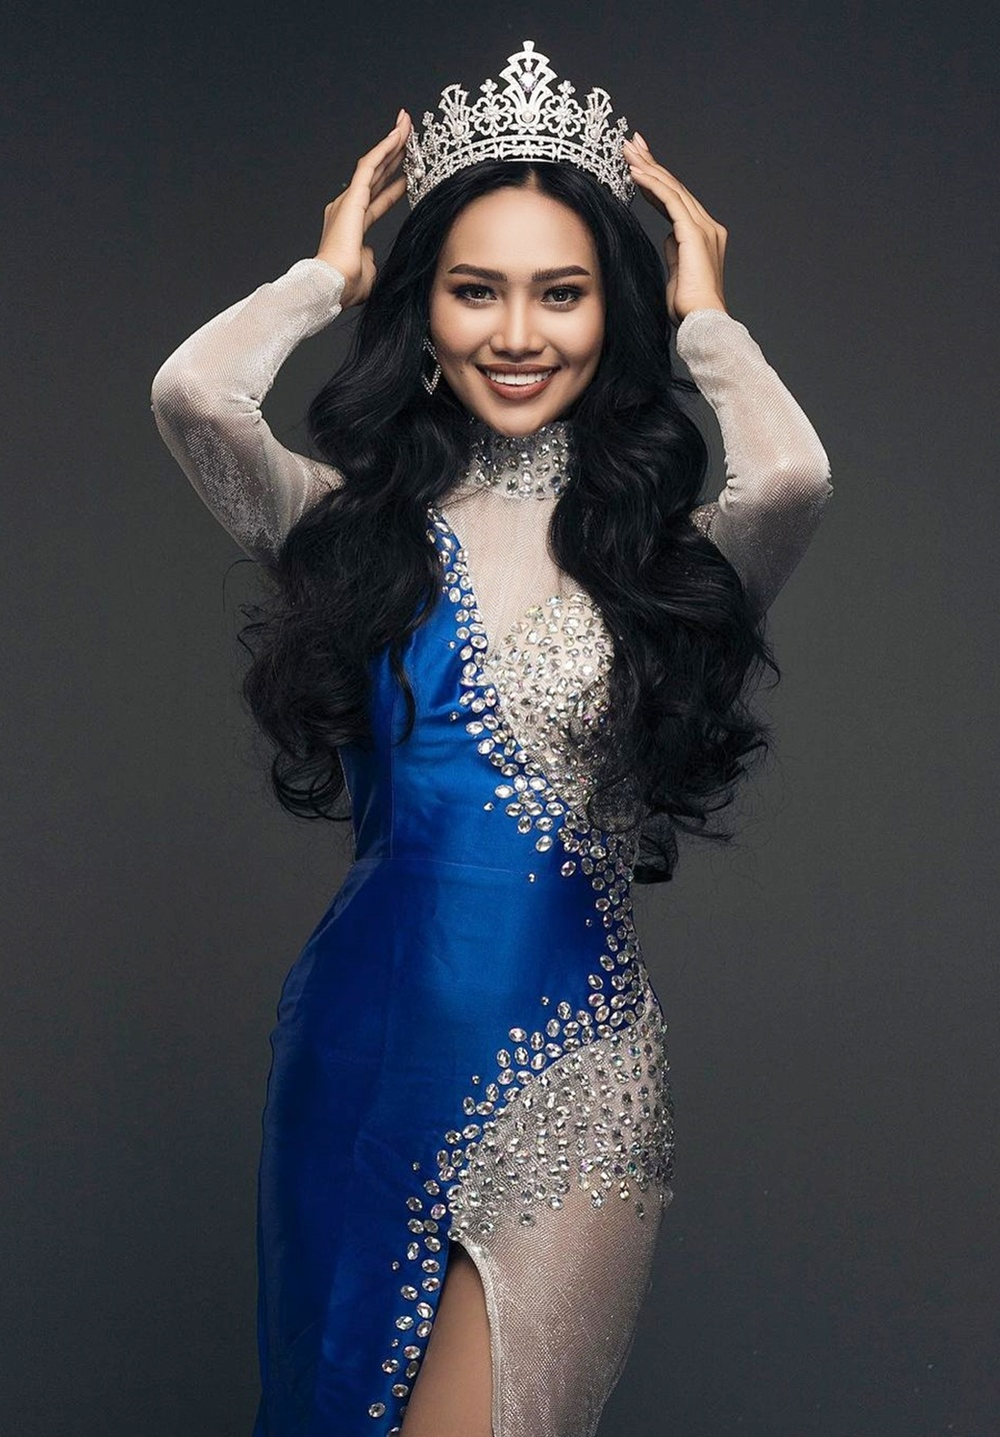 Đối thủ của á hậu Ngọc Thảo bị 'truy nã' sau phát ngôn nhạy cảm tại Miss Grand International Ảnh 1